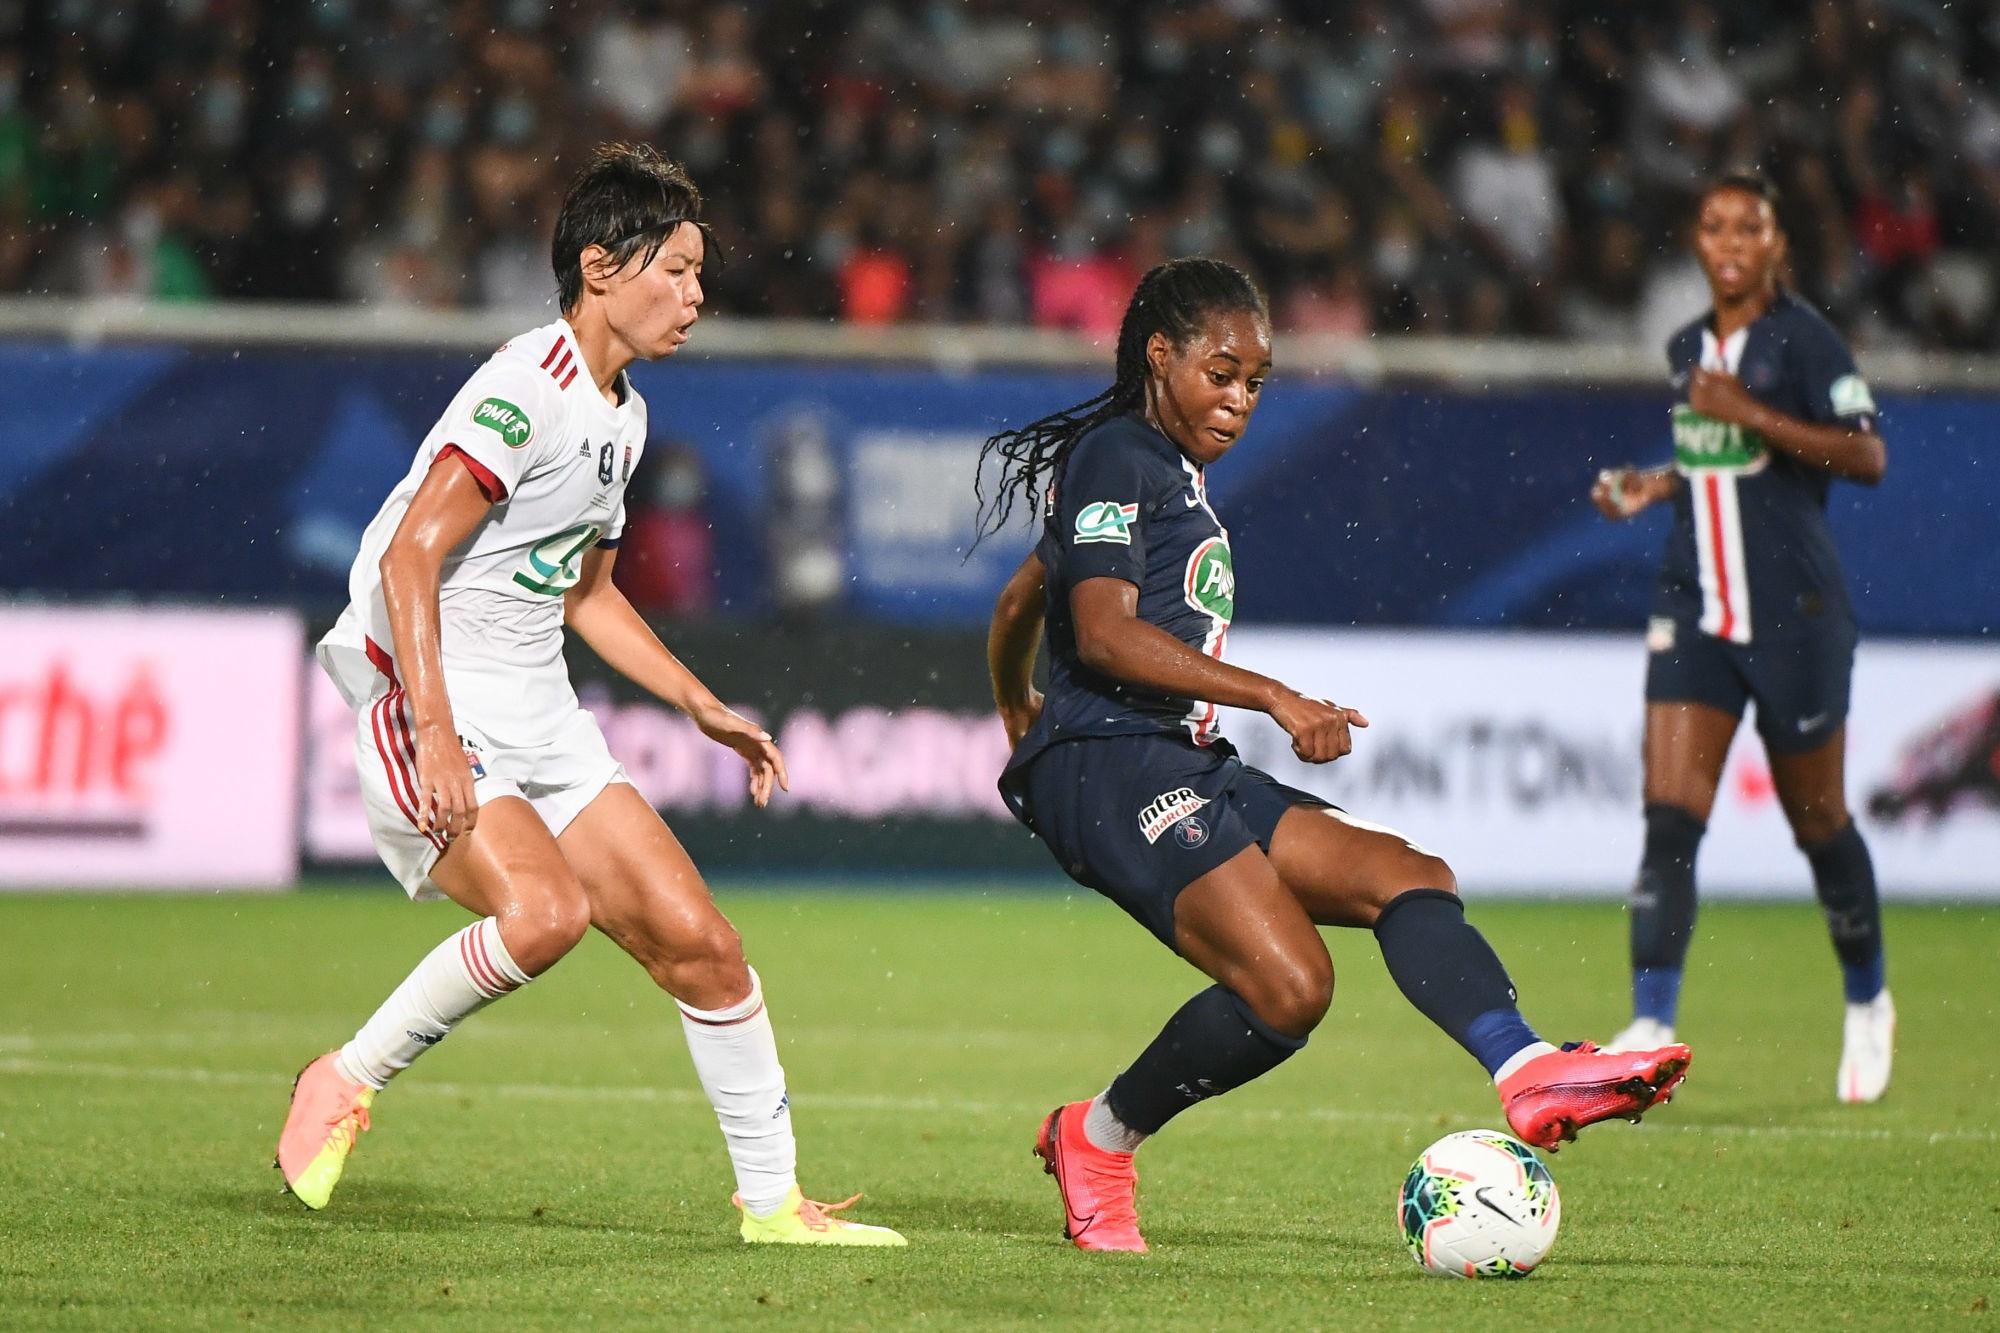 OL/PSG - Les Parisiennes s'inclinent en finale de Coupe de France !